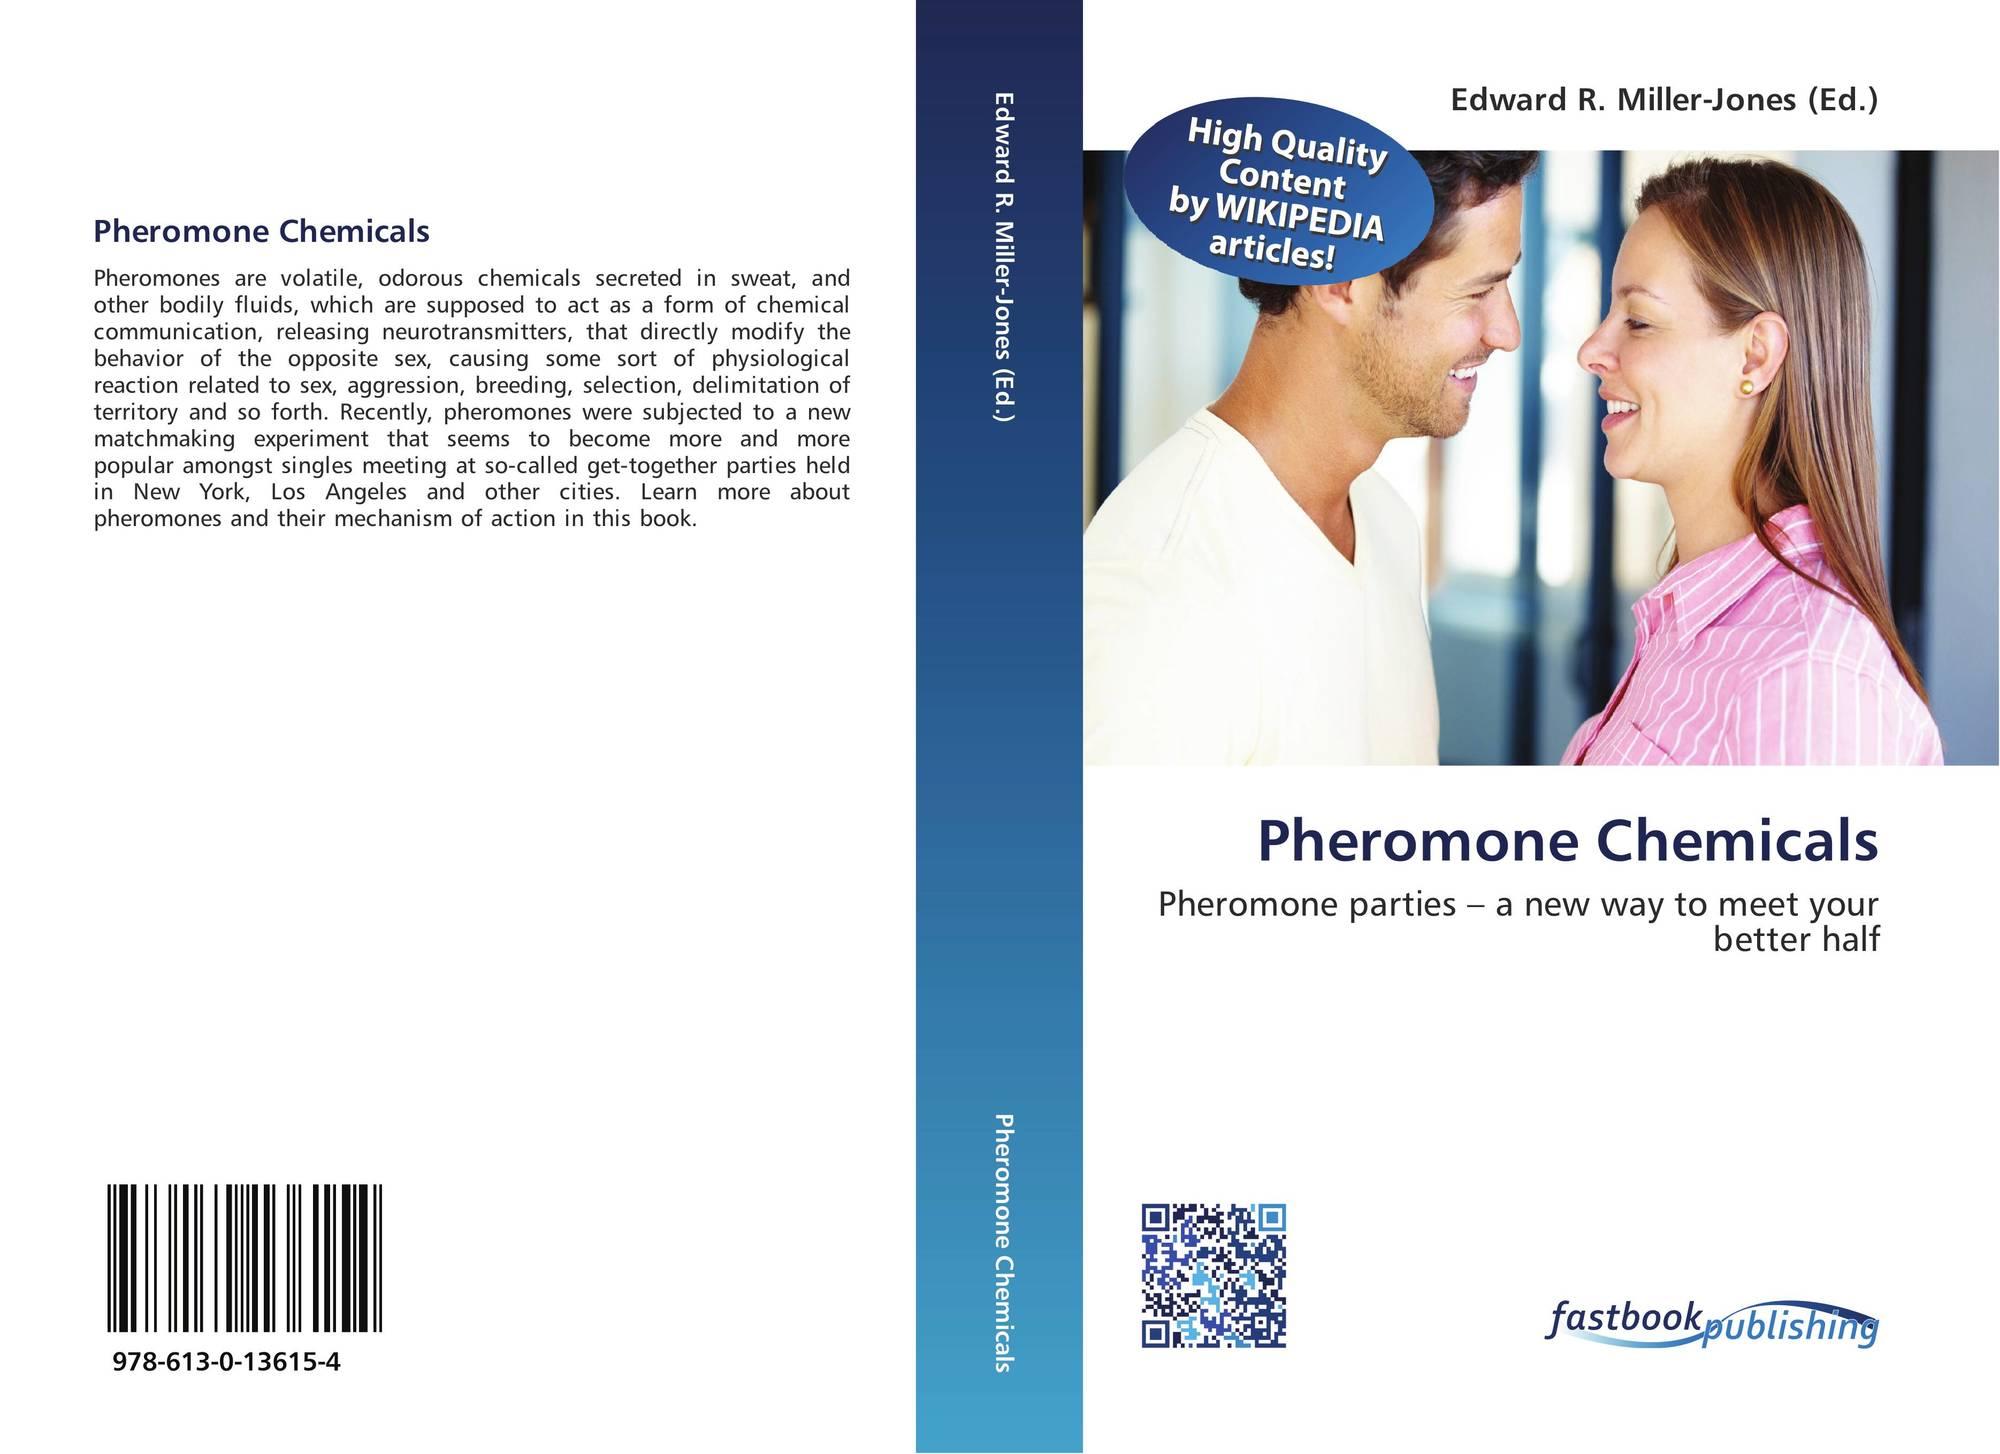 Matchmaking de phéromone